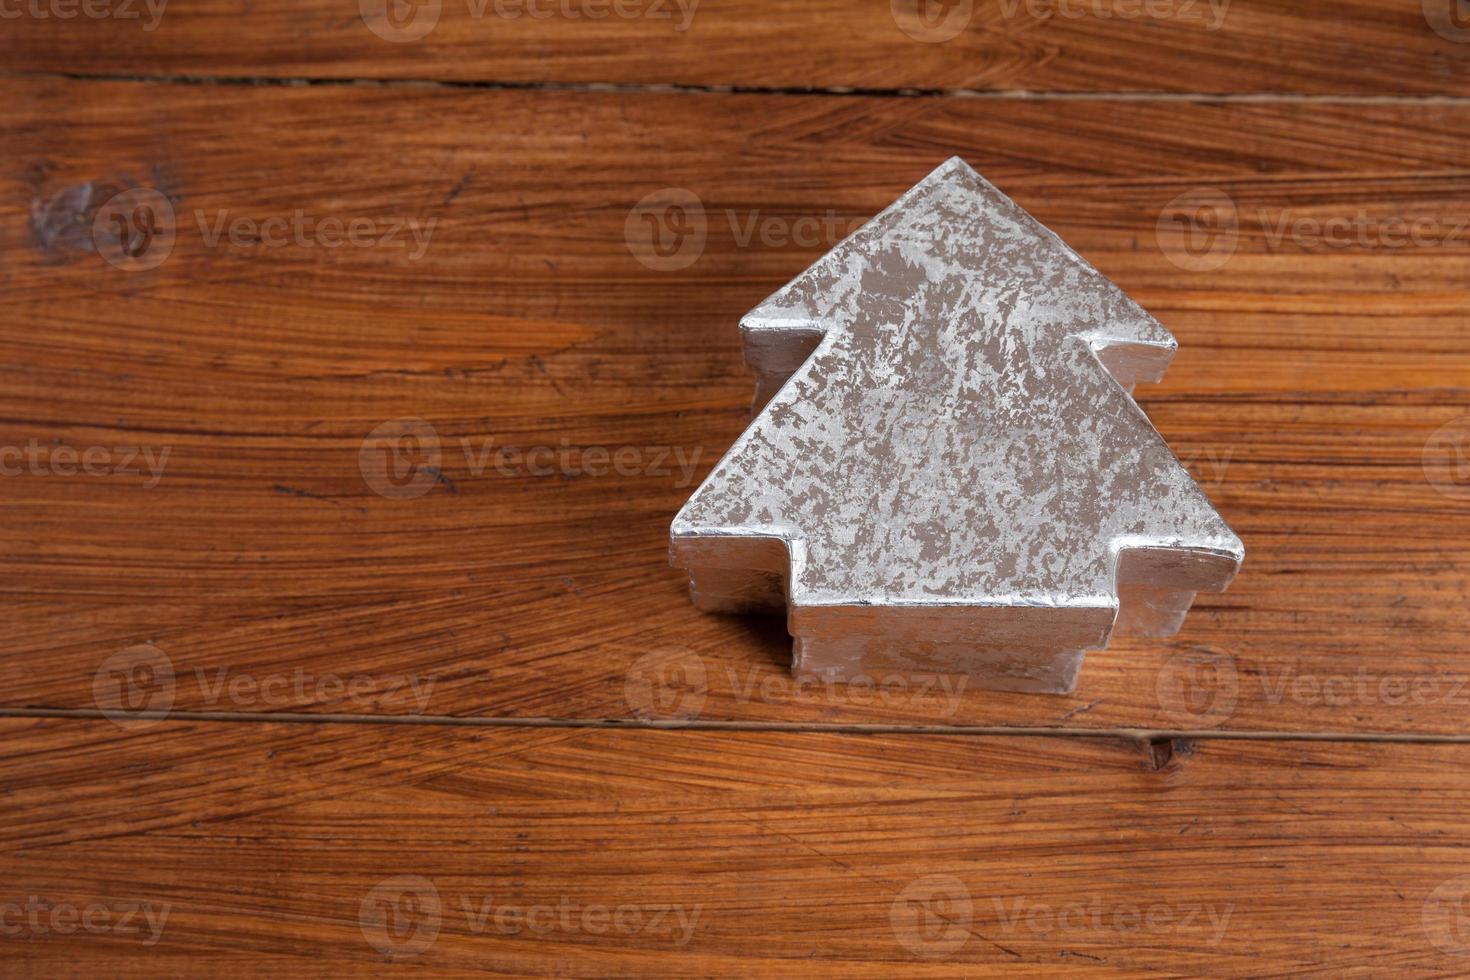 Weißtannenbaum auf Holz, Kopierraum foto